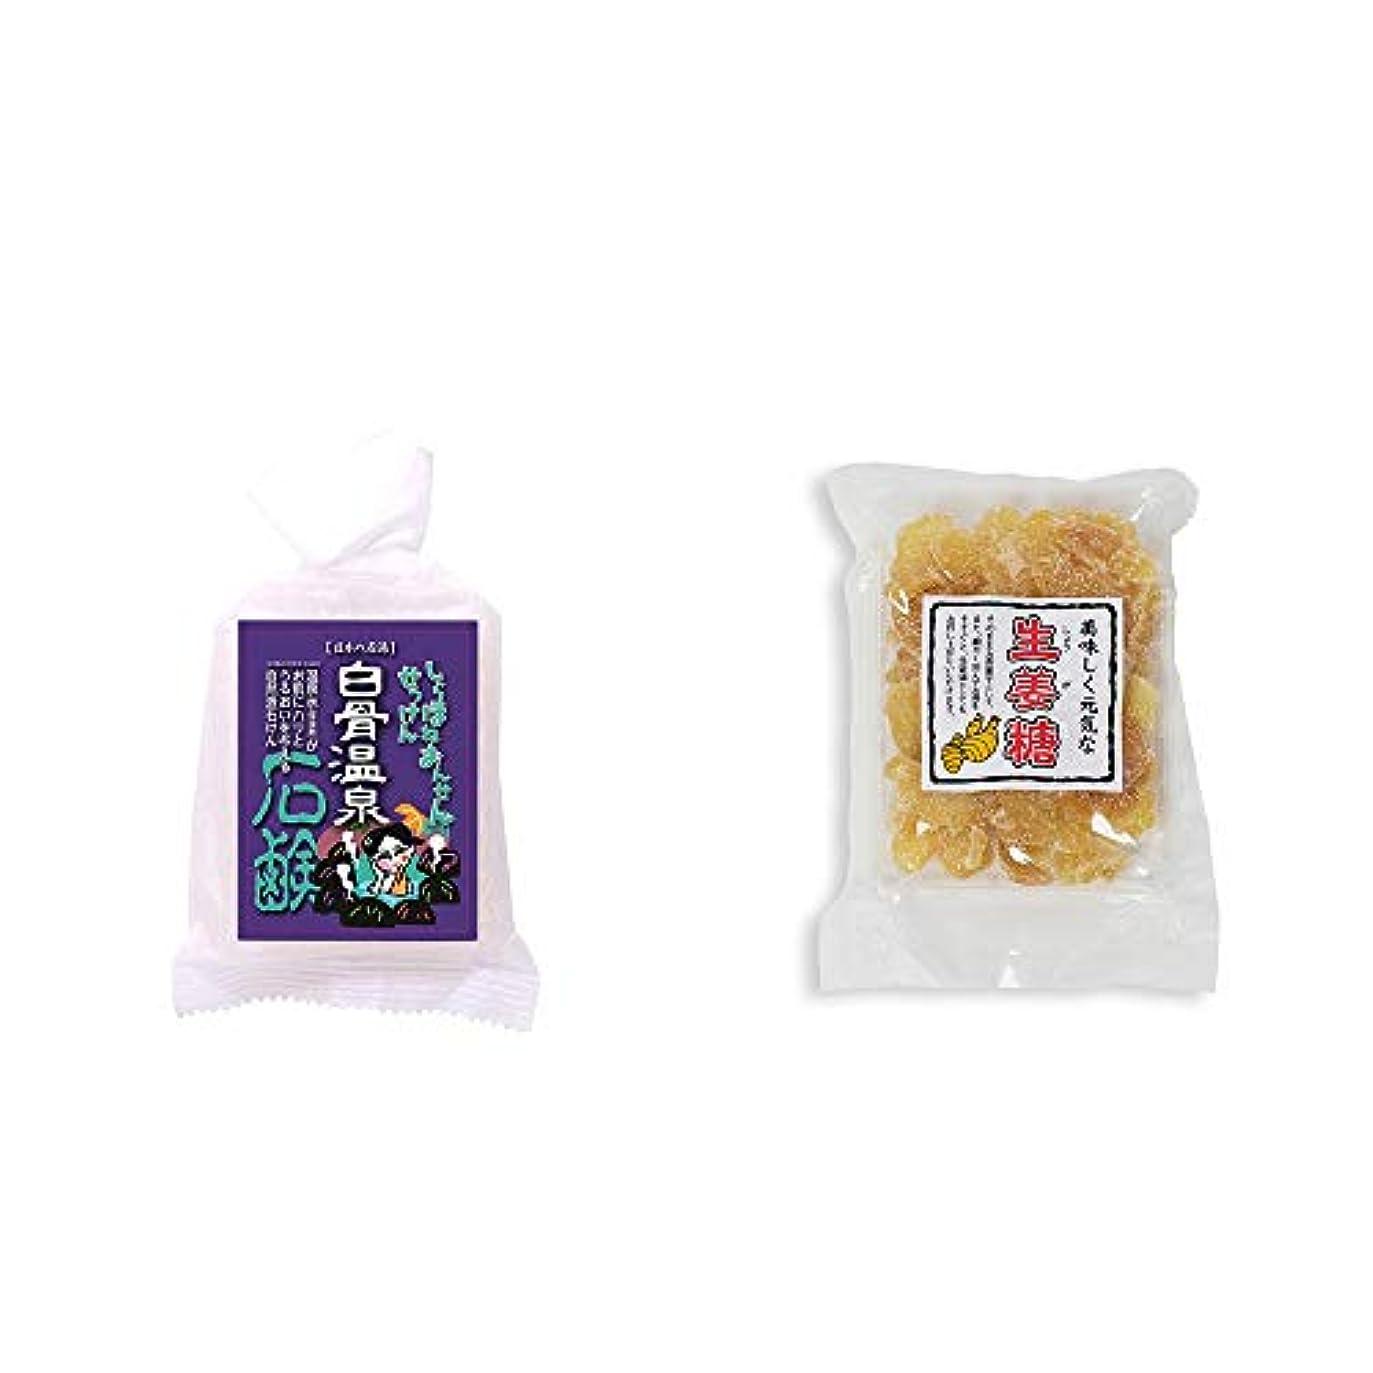 薄汚い名詞知り合い[2点セット] 信州 白骨温泉石鹸(80g)?生姜糖(230g)